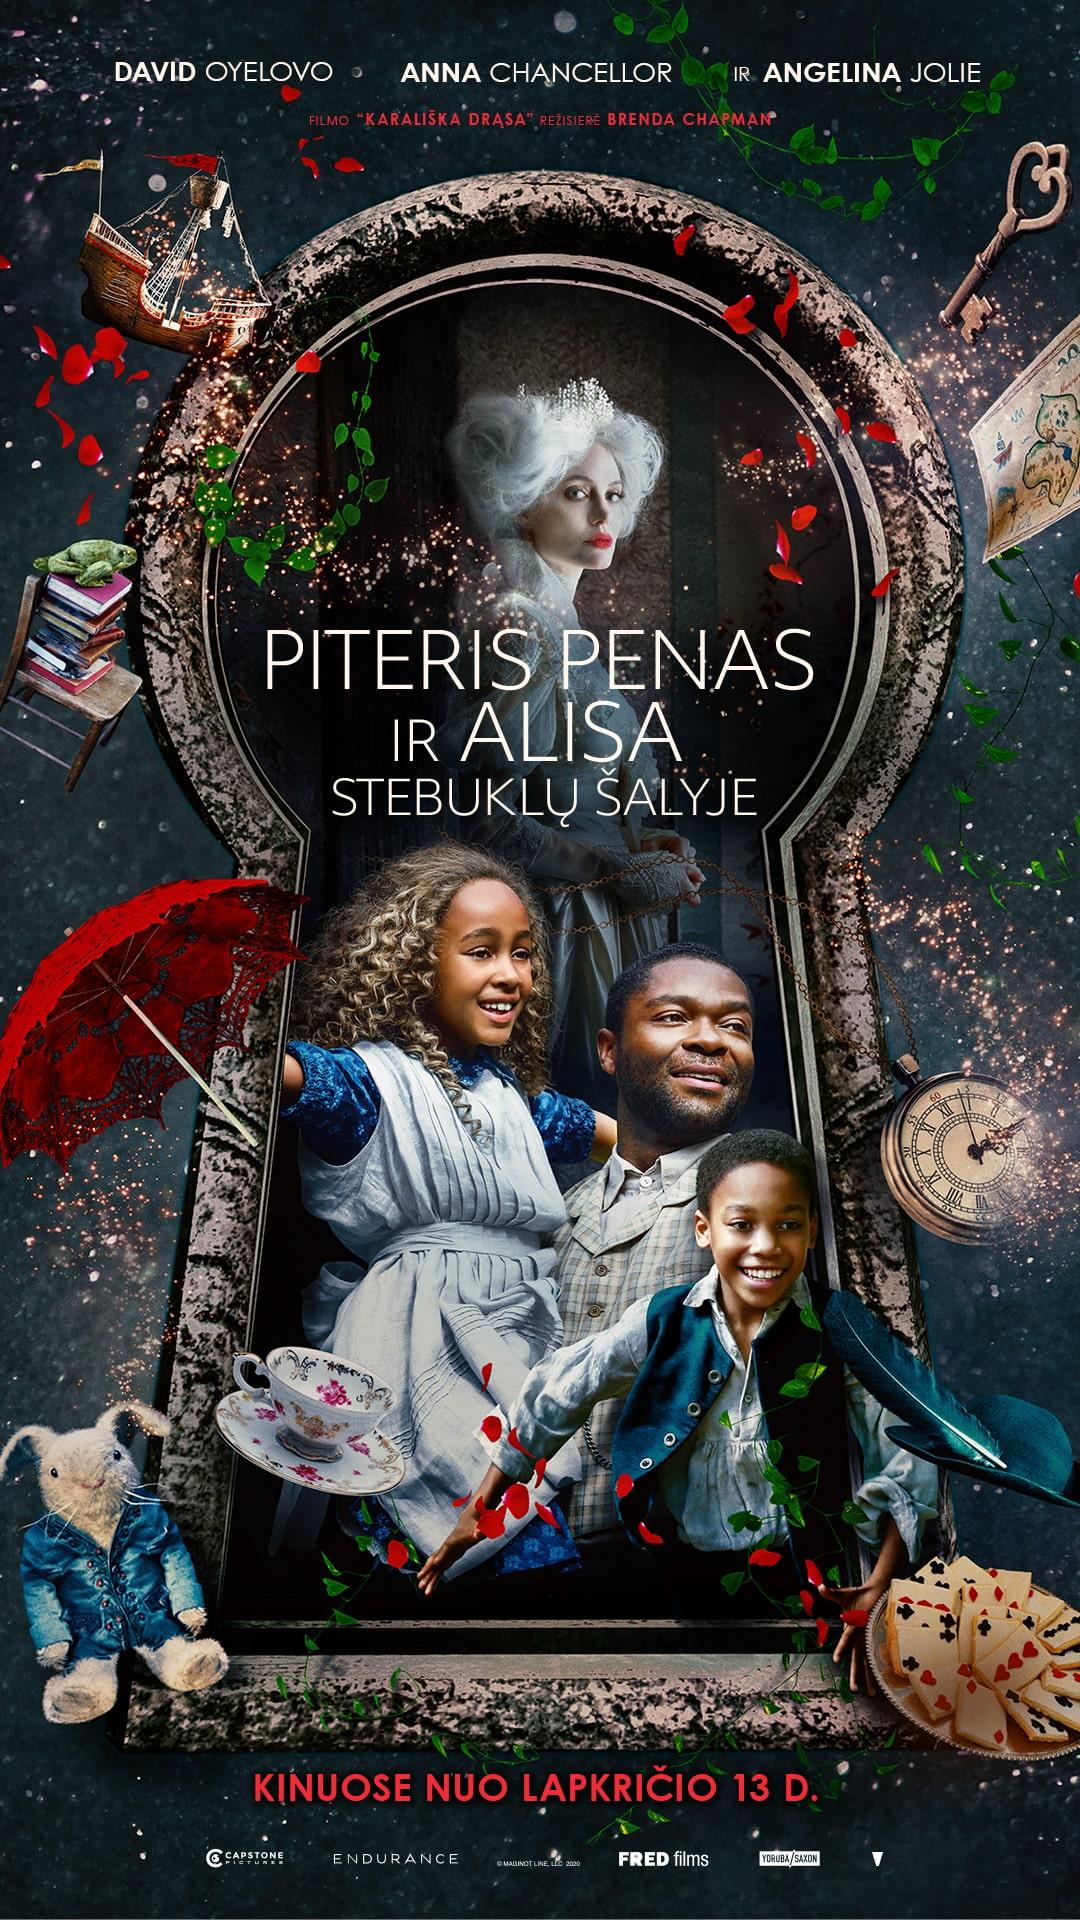 PITERIS PENAS IR ALISA STEBUKLŲ ŠALYJE (Come Away)